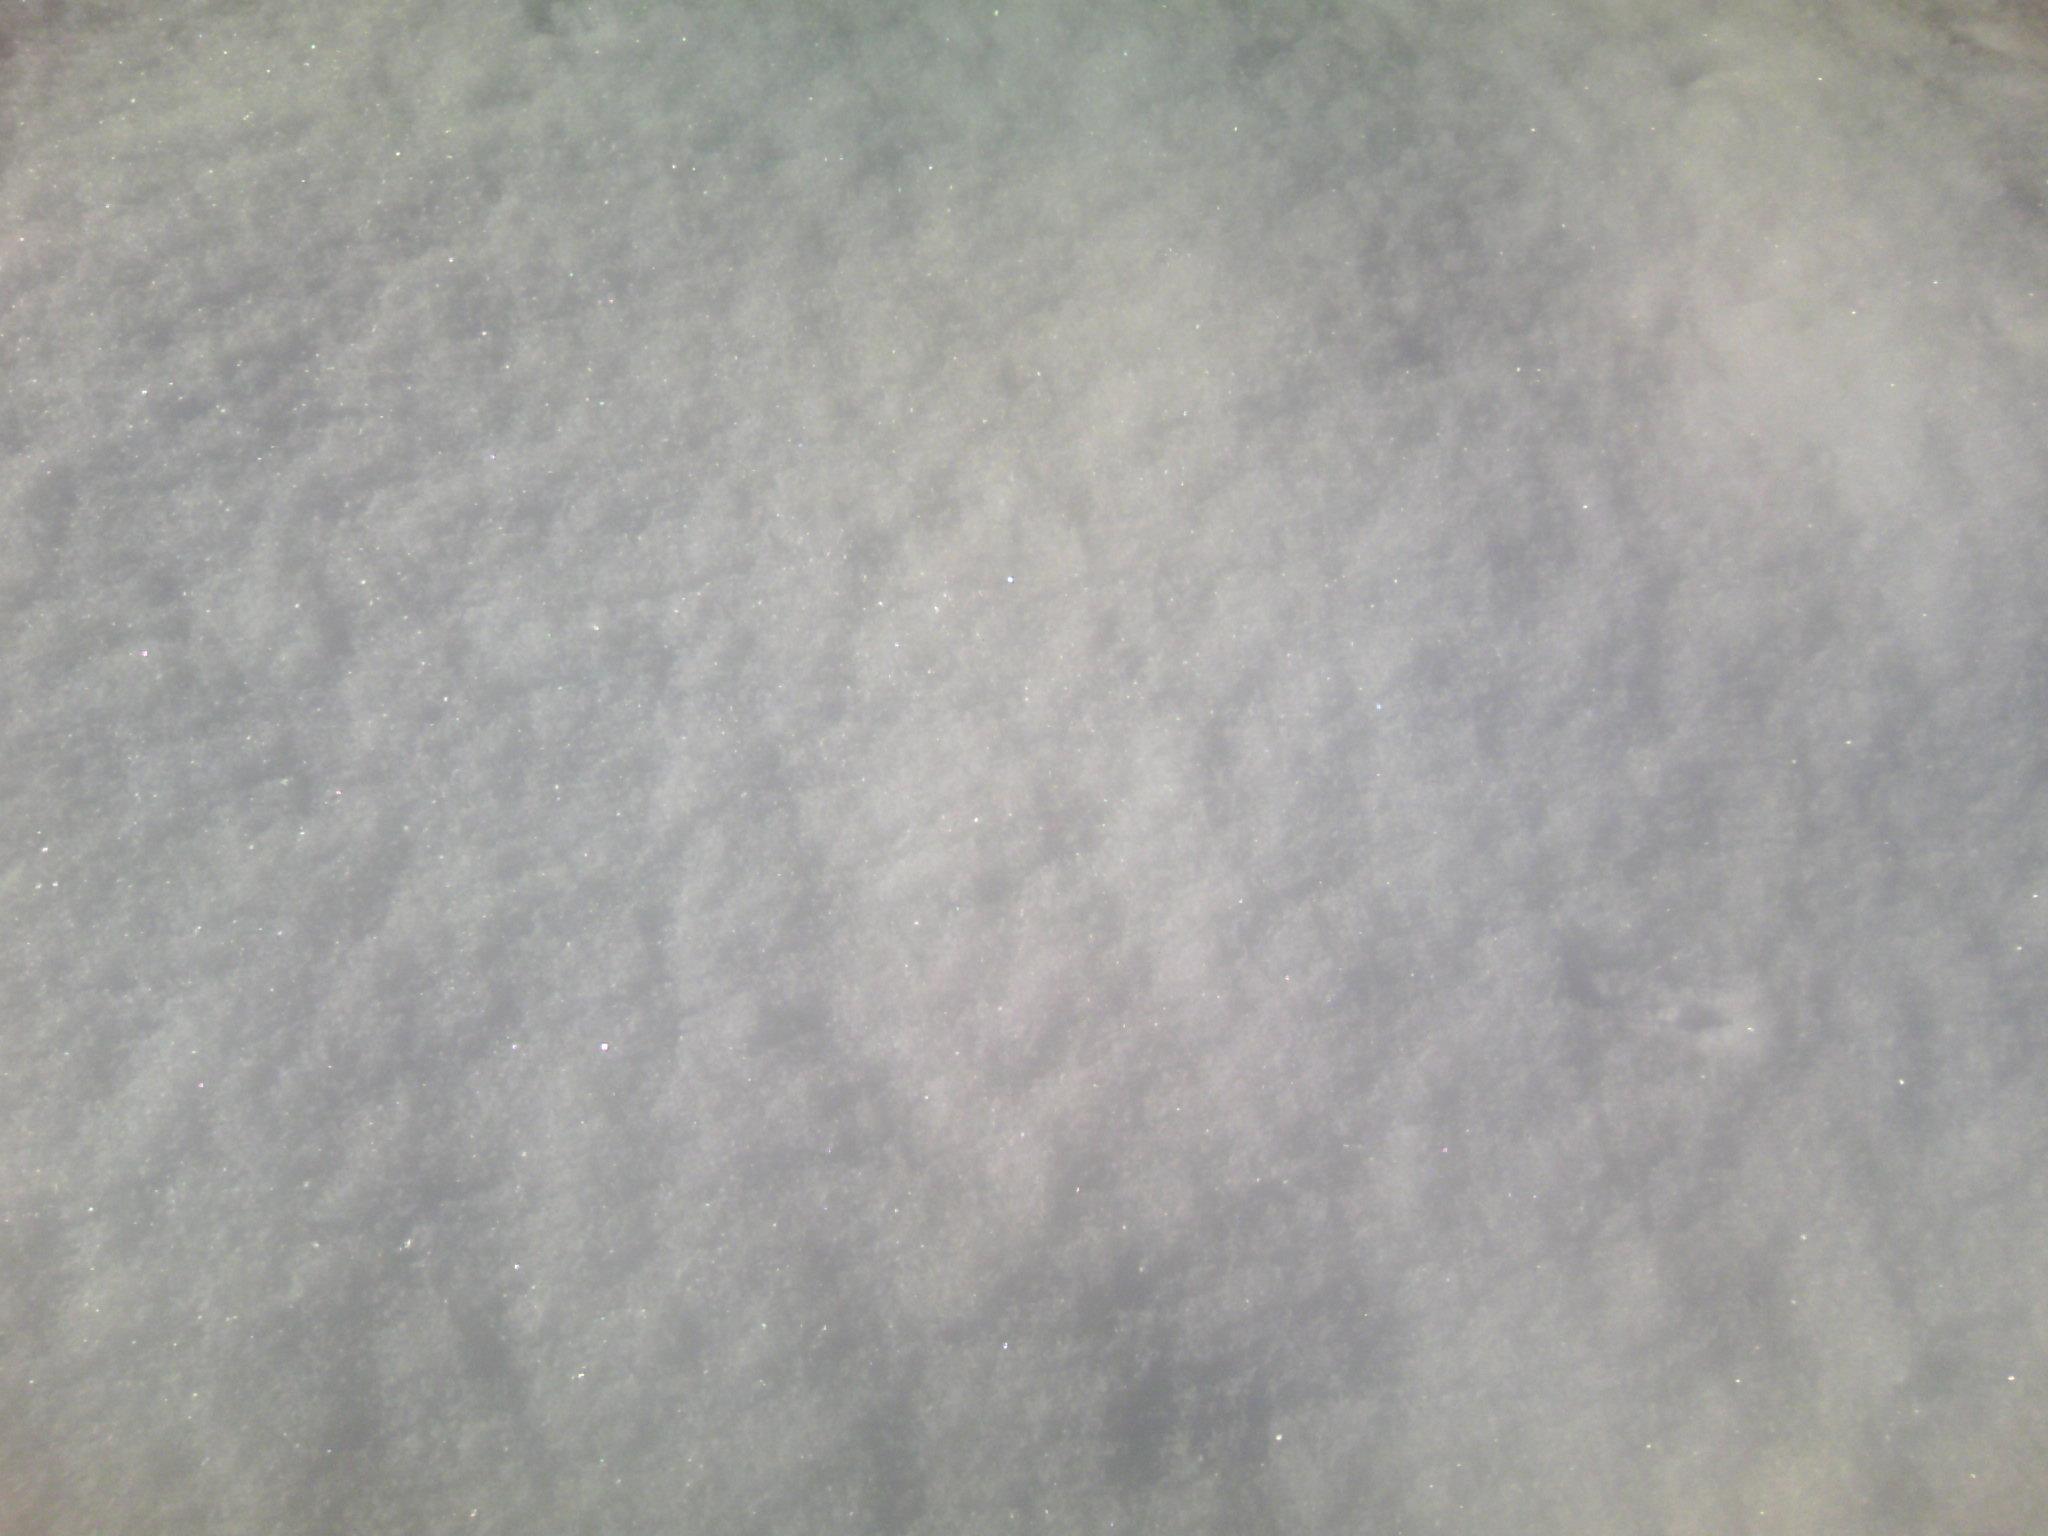 きらきら光る雪